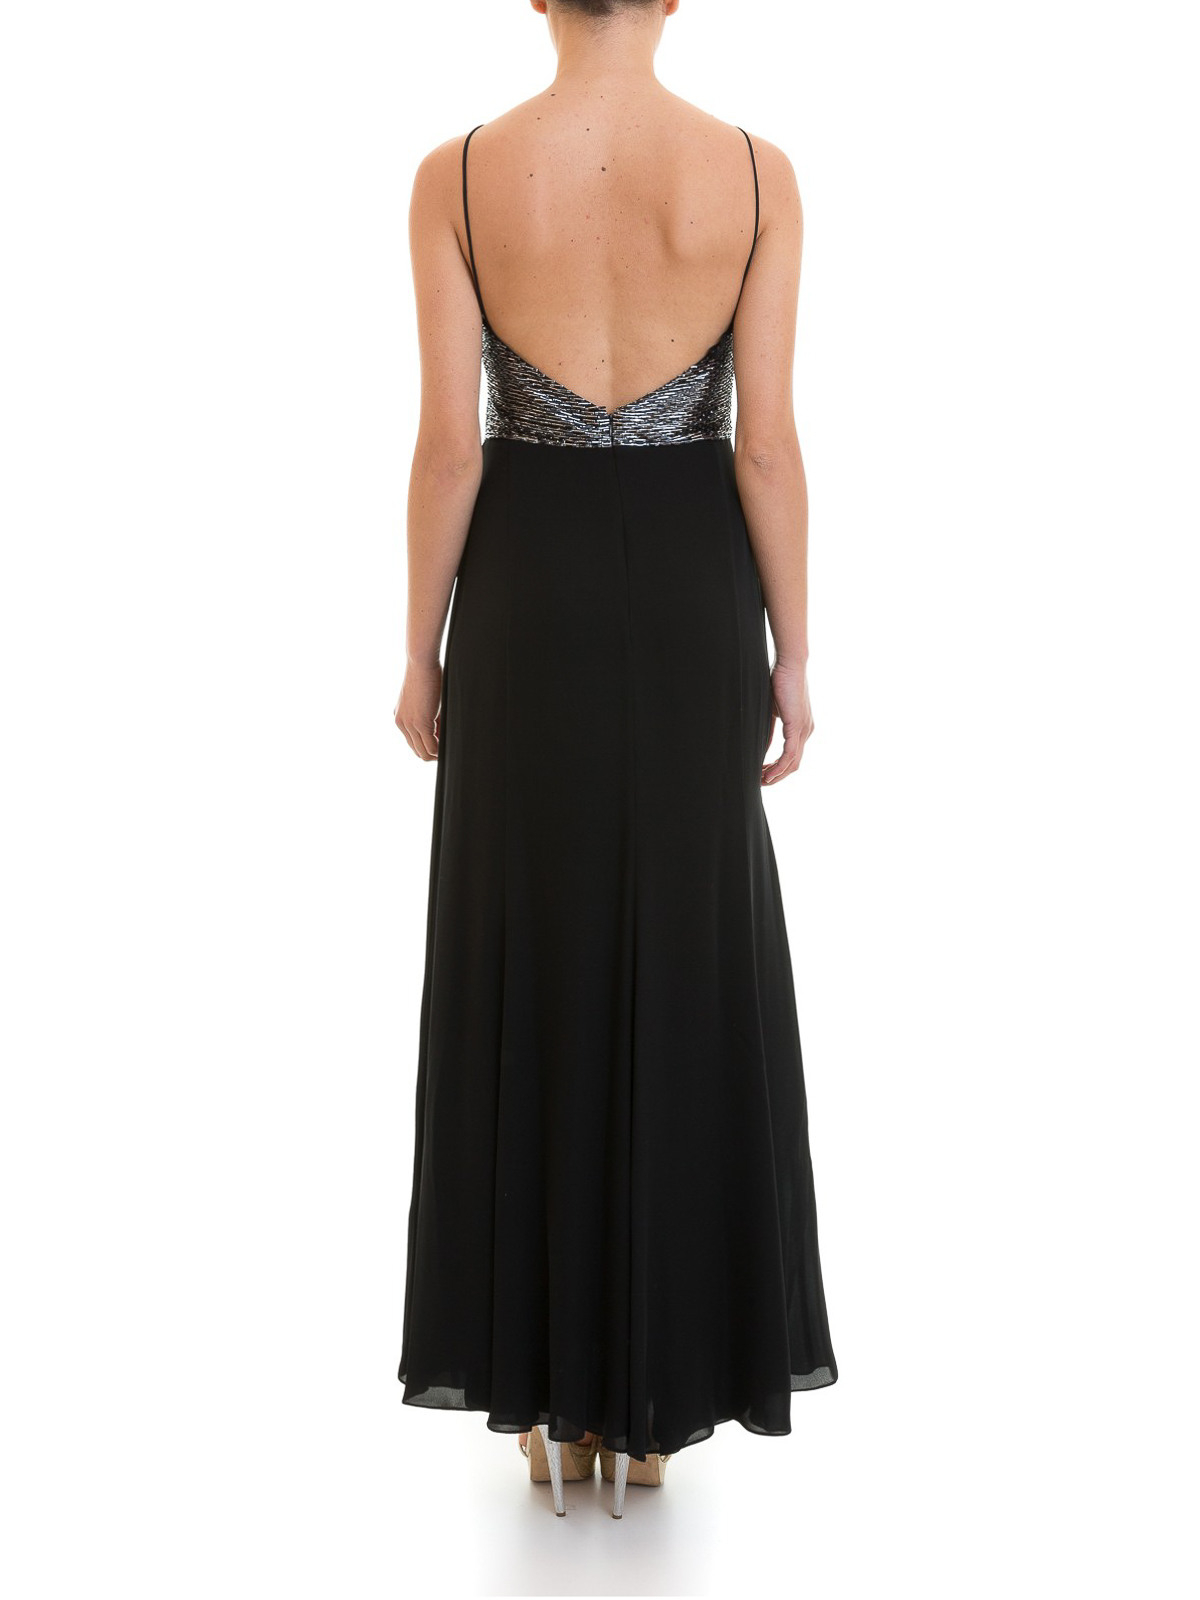 Abend Großartig Armani Abendkleider Vertrieb20 Schön Armani Abendkleider Design